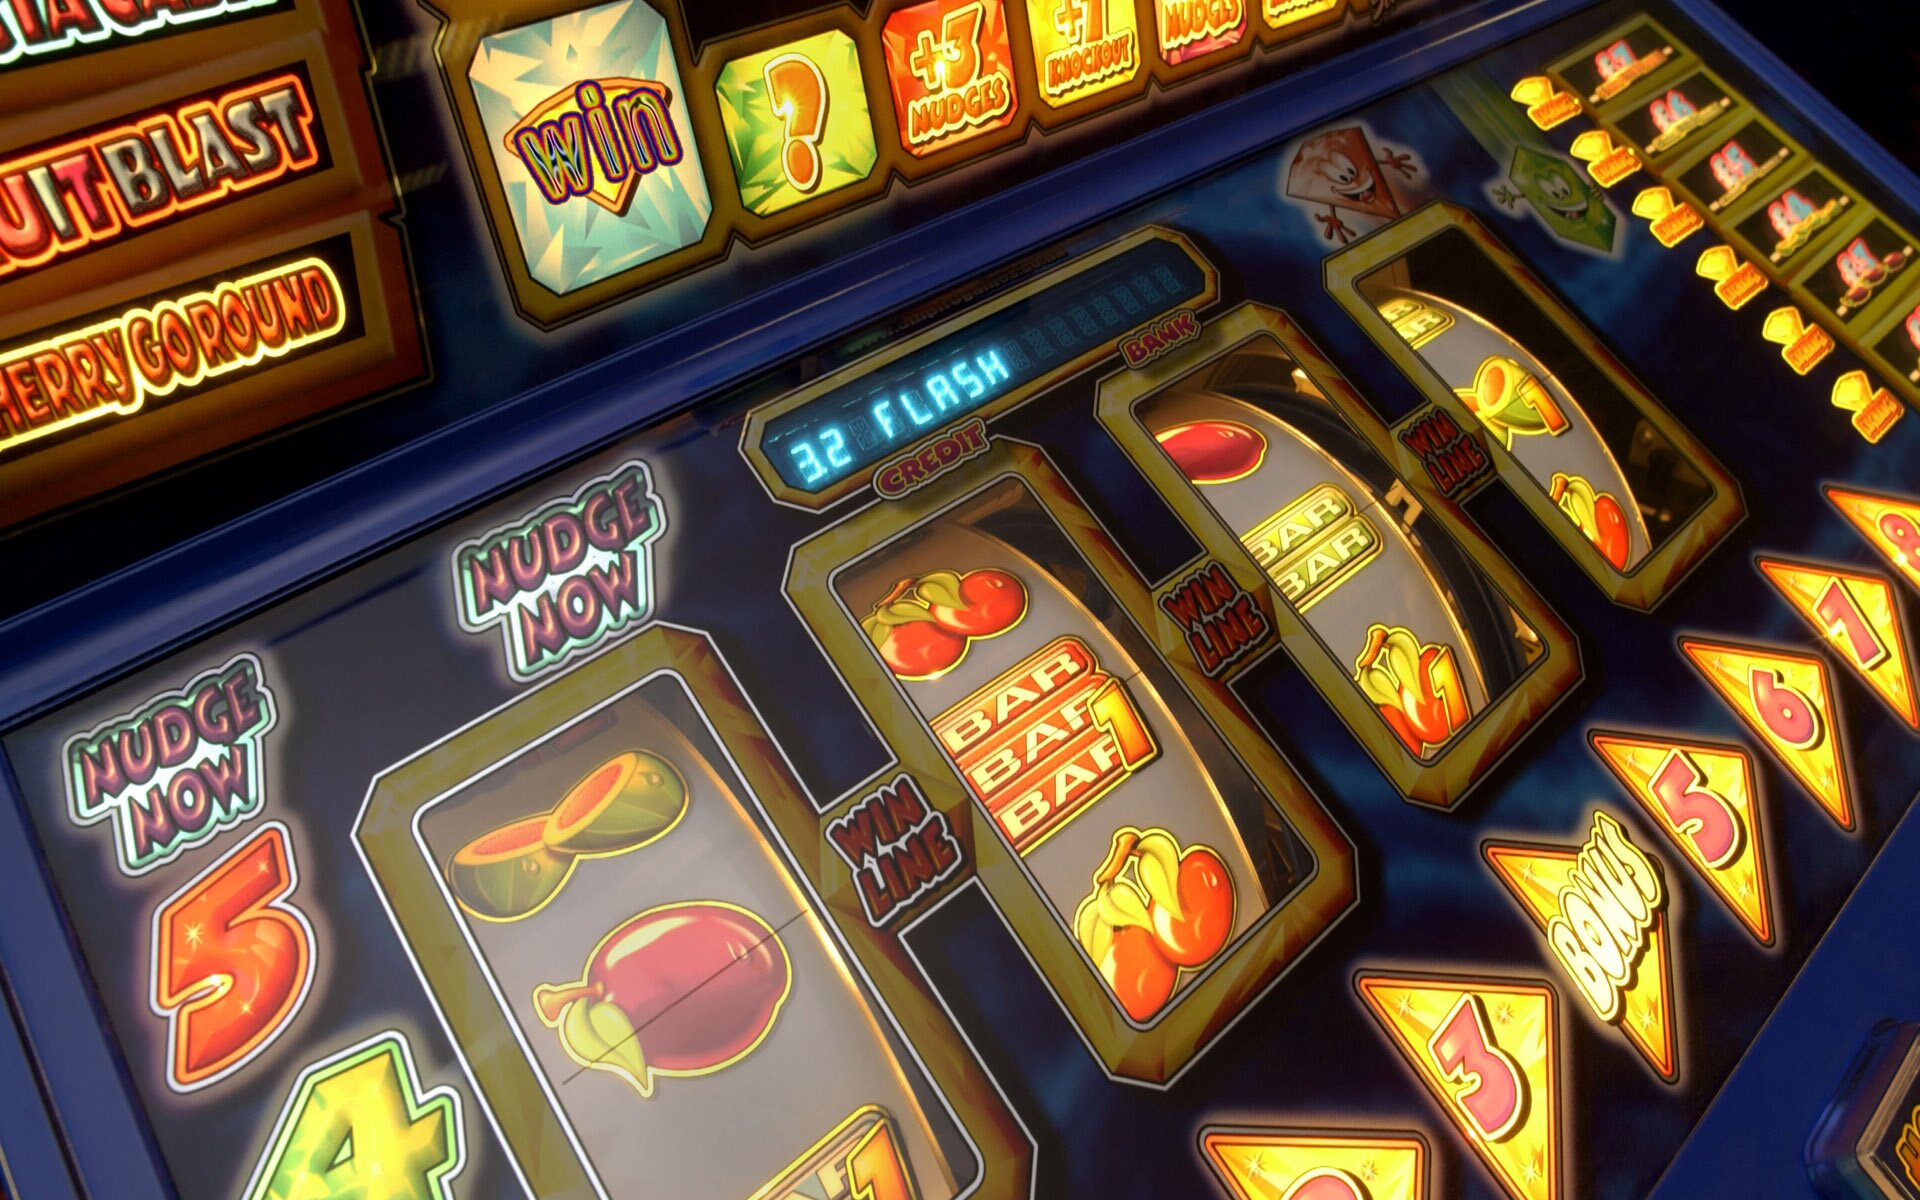 Скачать бесплатно и без регистрации игровые автоматы новоматик лотерейные киоски и игровые аппараты по низким ценам